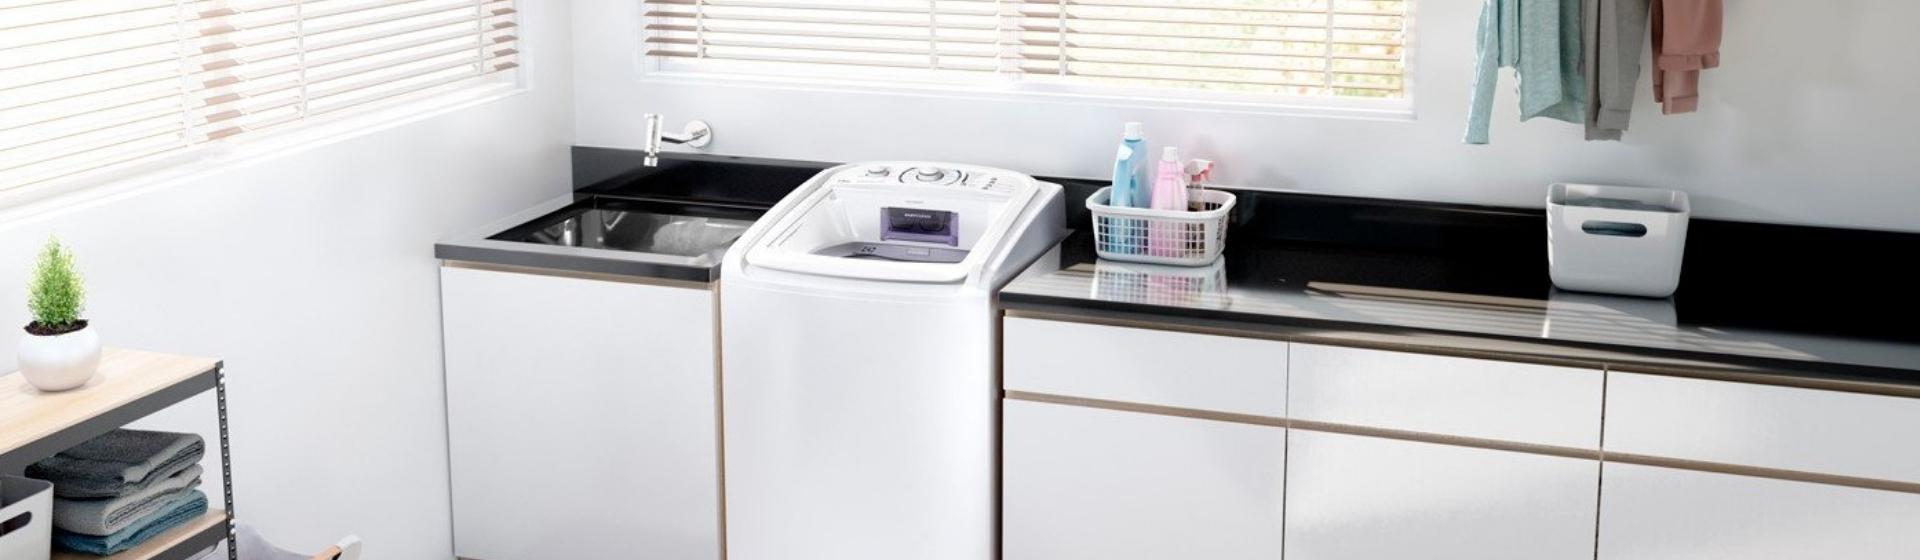 Lavadora Electrolux Essential Care 11kg LES11 é boa? Confira a análise de ficha técnica